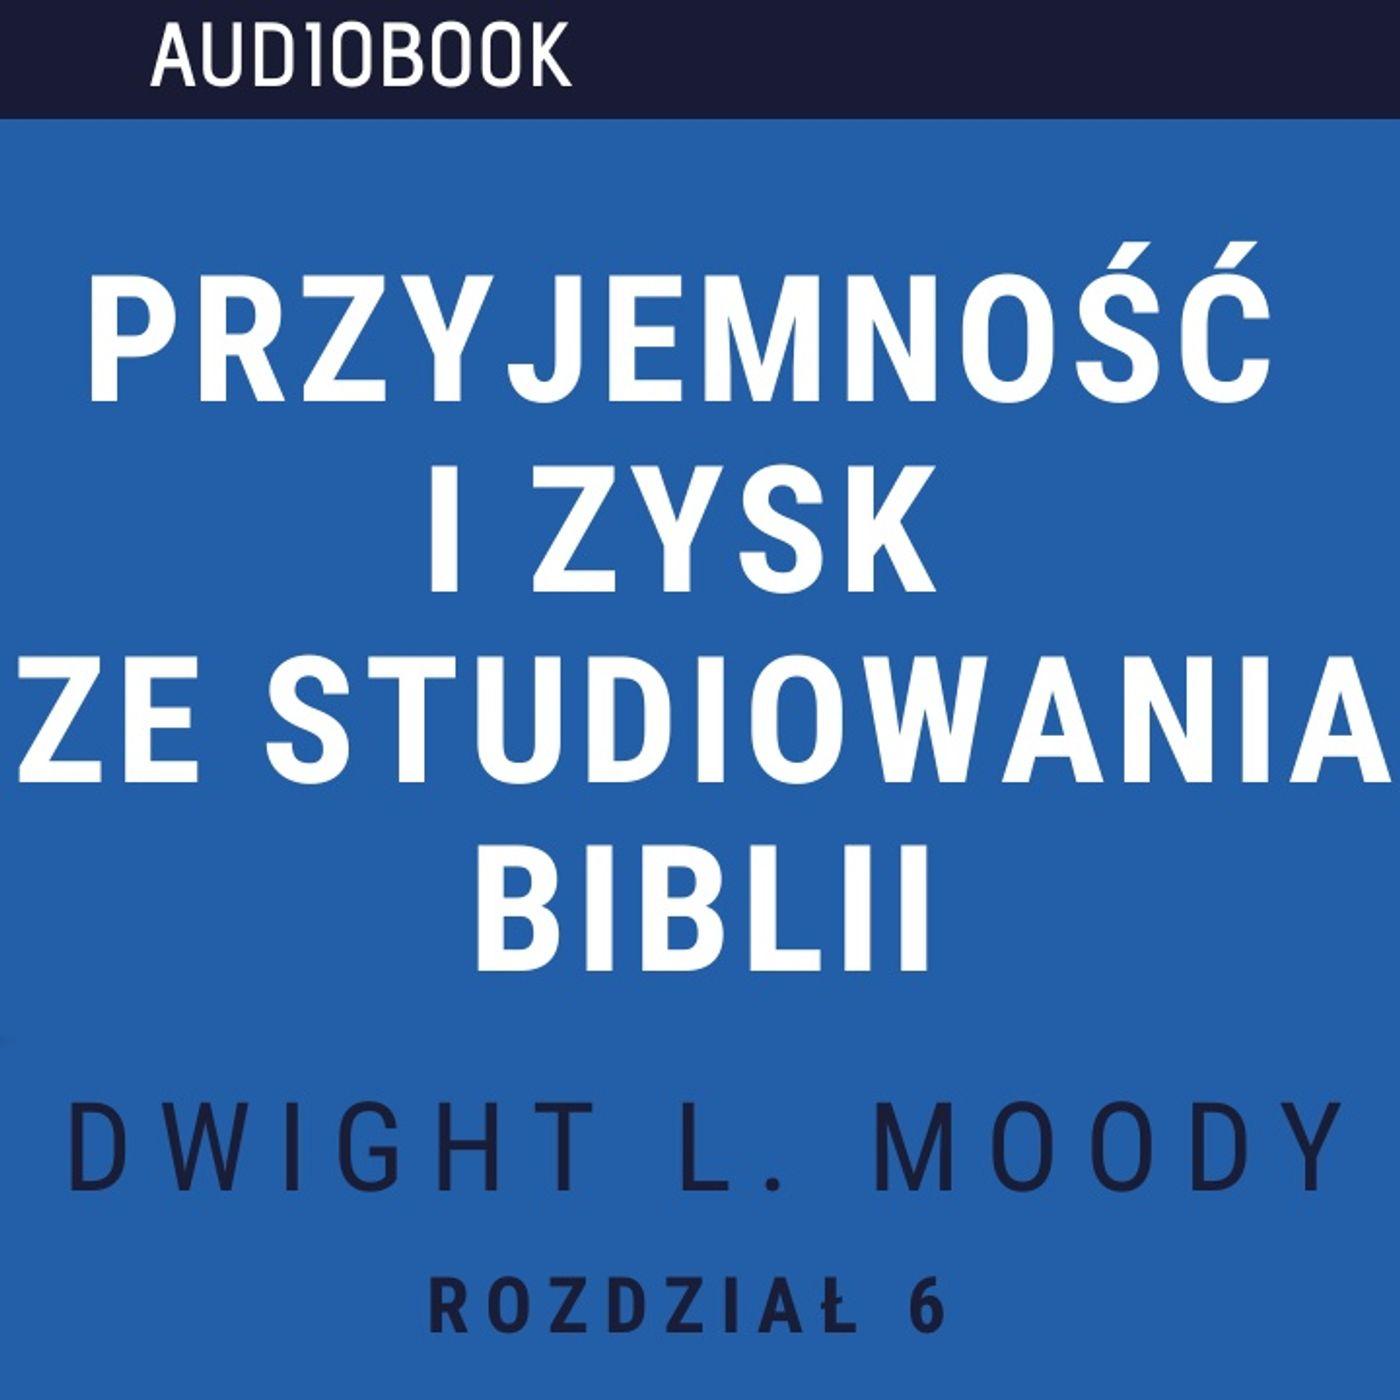 Przyjemność i zysk ze studiowania Biblii - Dwight L. Moody (audiobook, rozdział 6)